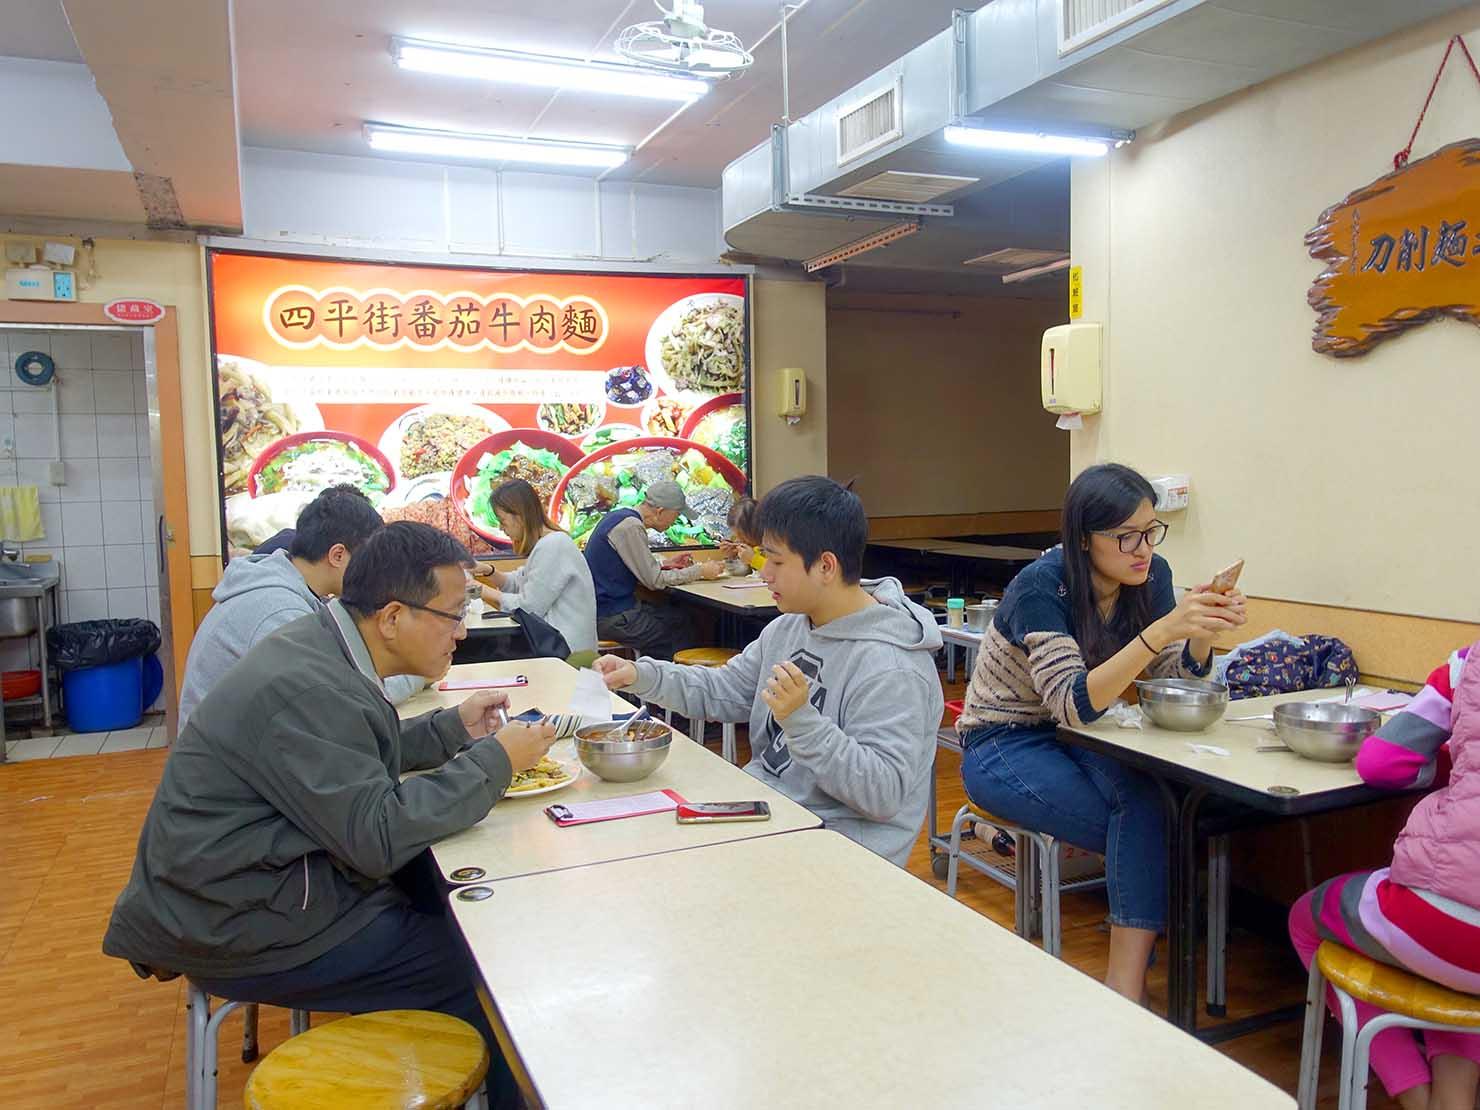 台北・松江南京駅(四平街商圈)周辺のおすすめグルメ店「四平街番茄牛肉麵」の店内